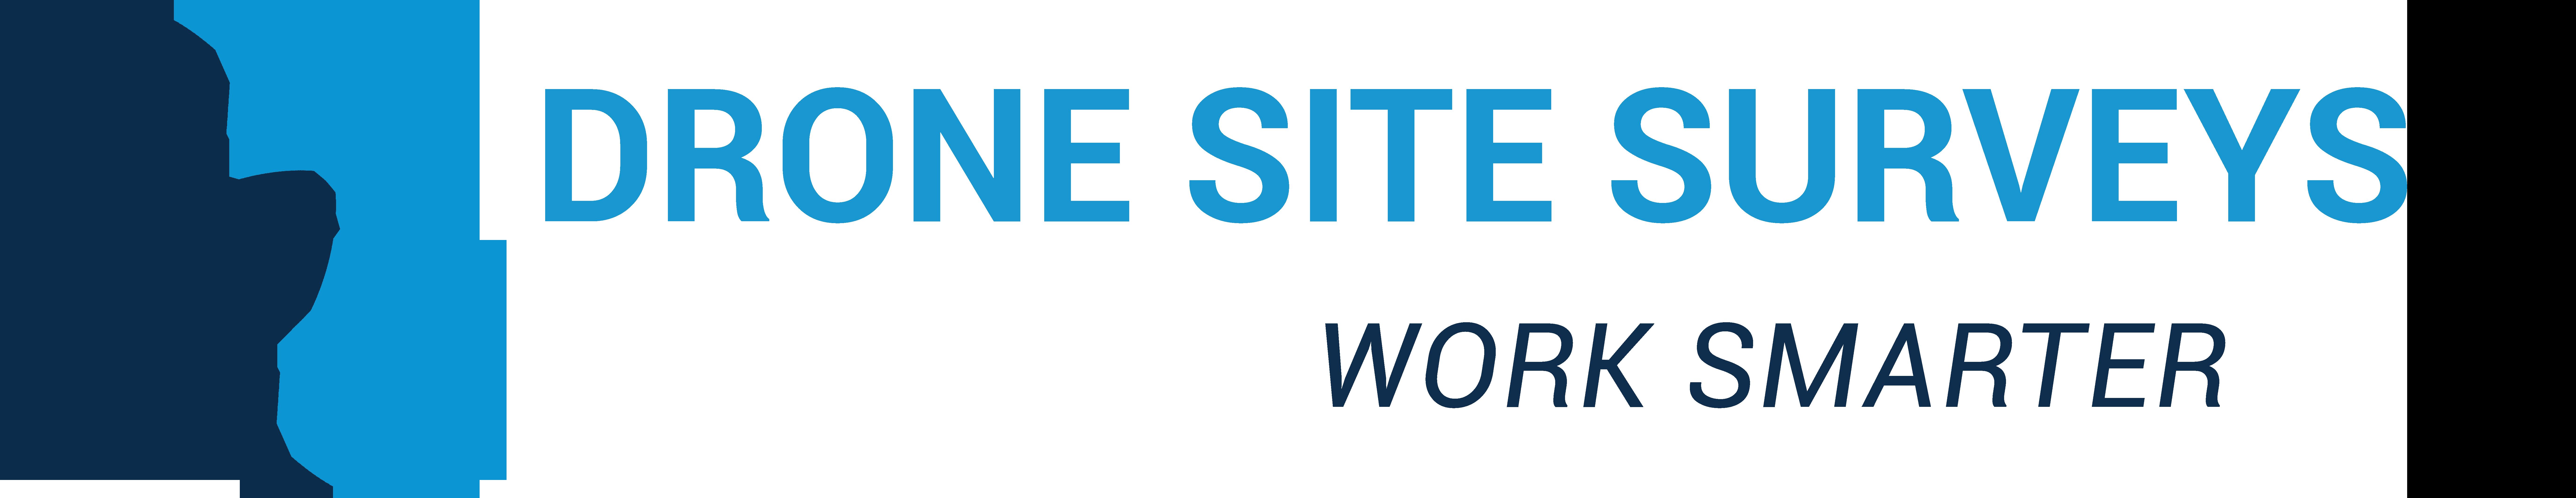 Drone Site Surveys Ltd